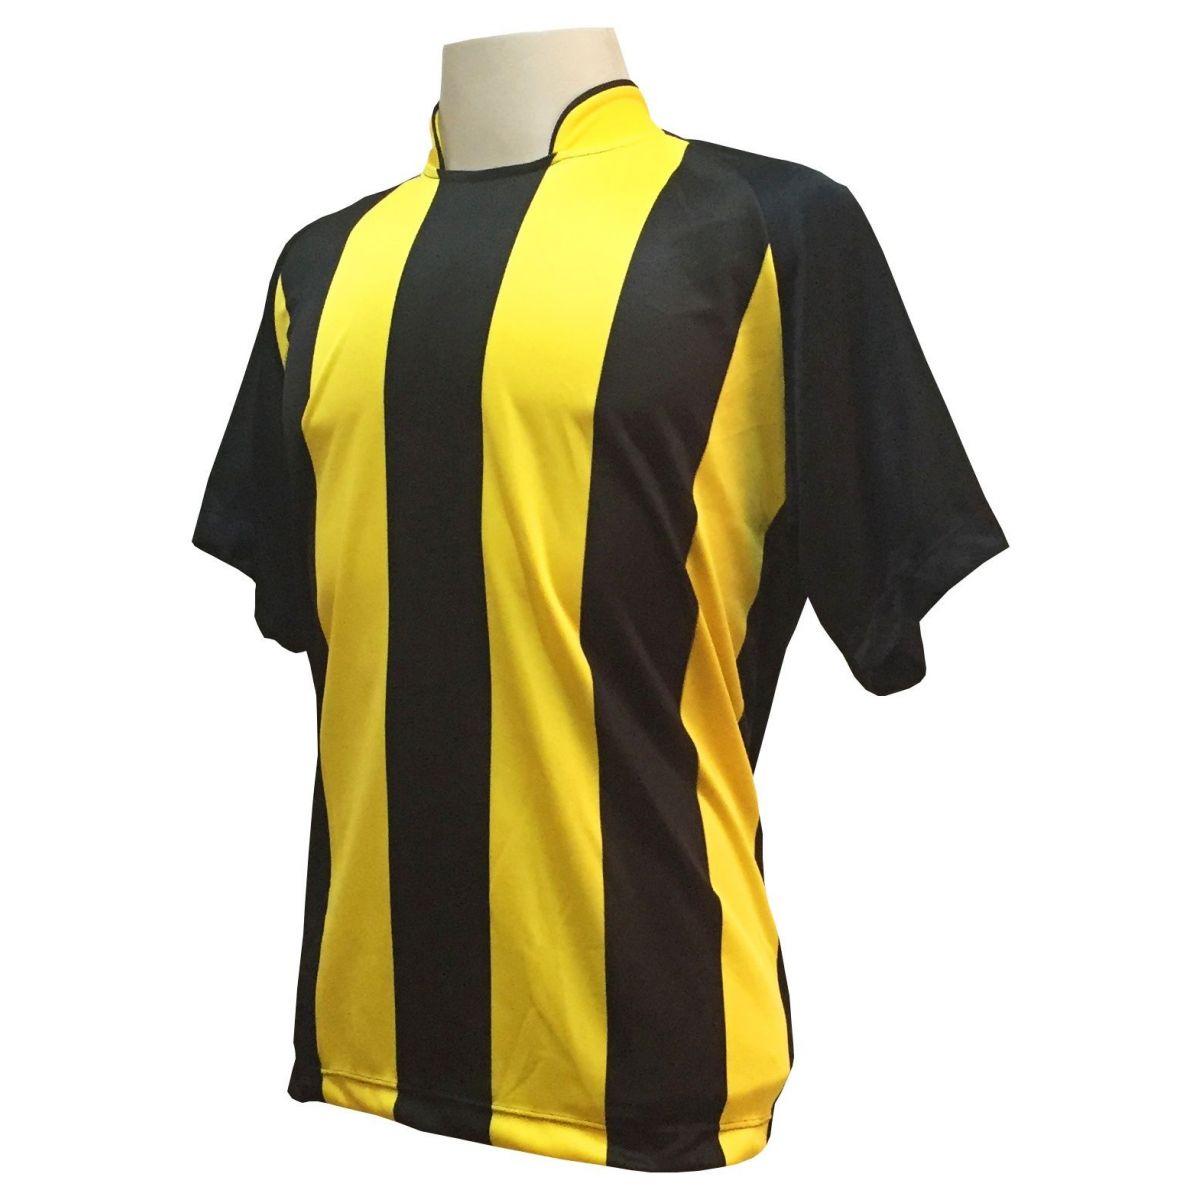 e76ec0d8ab ... Uniforme Esportivo com 18 Camisas modelo Milan Preto Amarelo + 18  Calções modelo Copa Preto ...